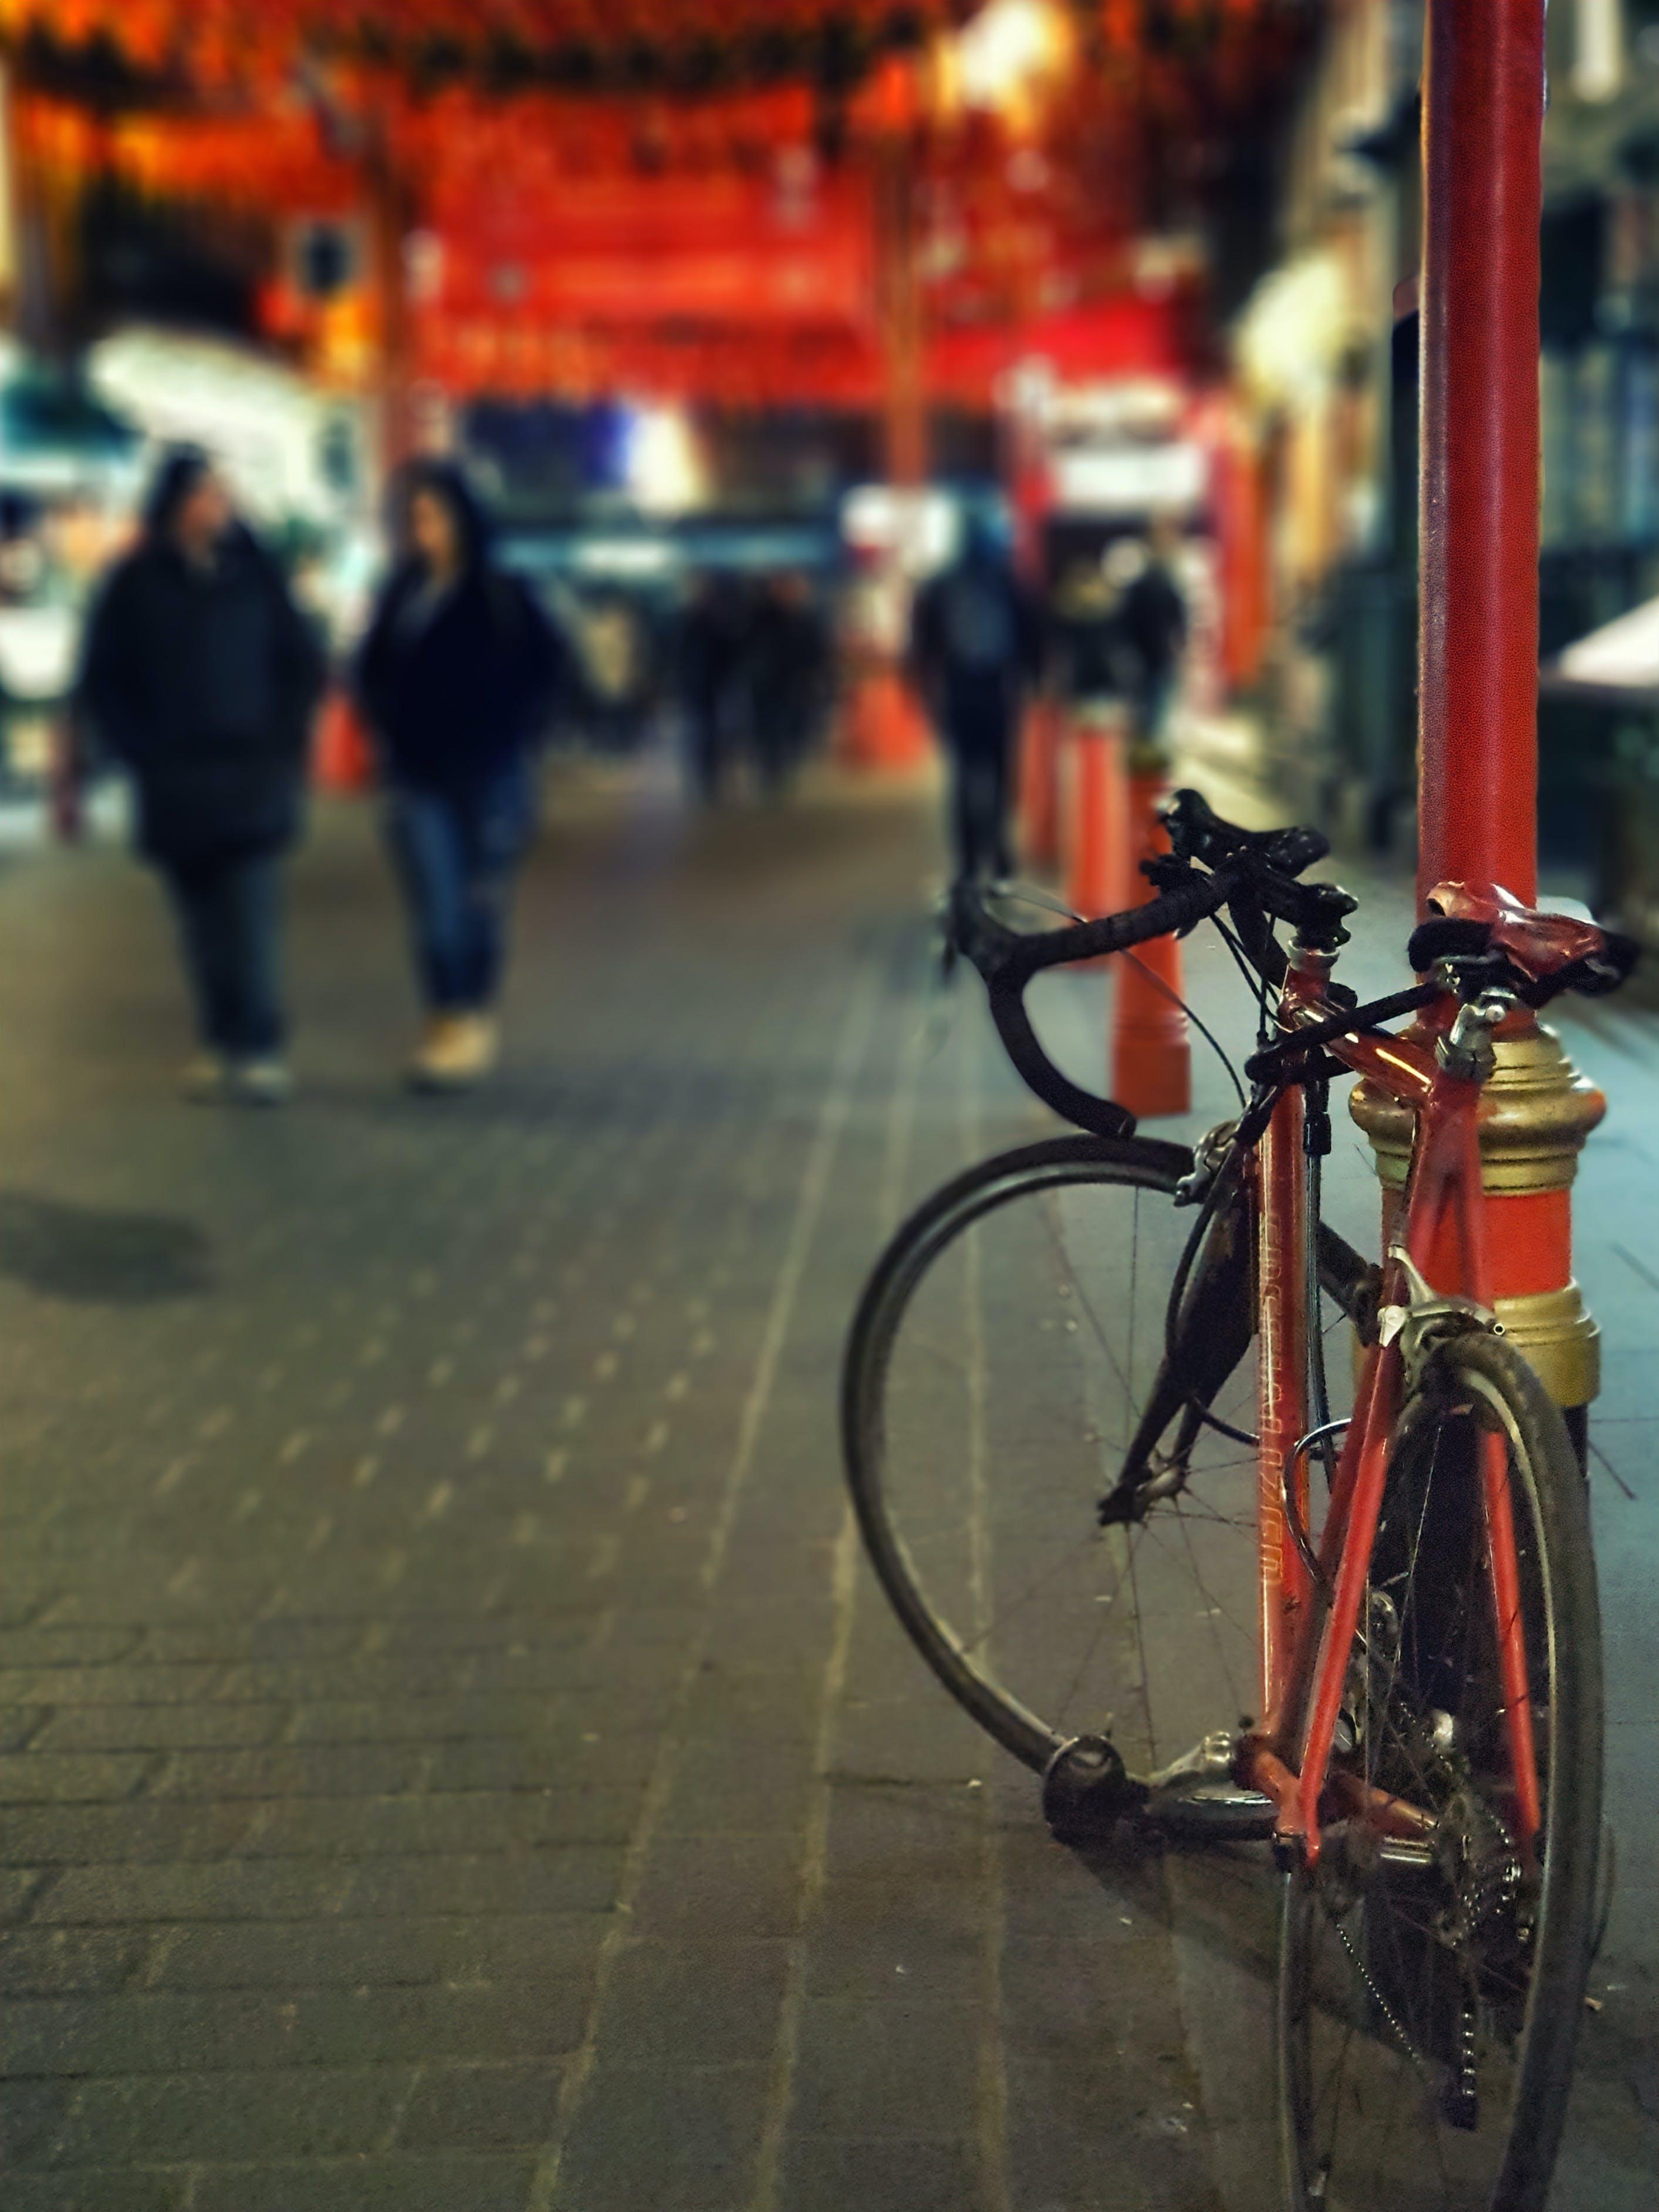 dlažba, dopravní systém, jízdní kolo